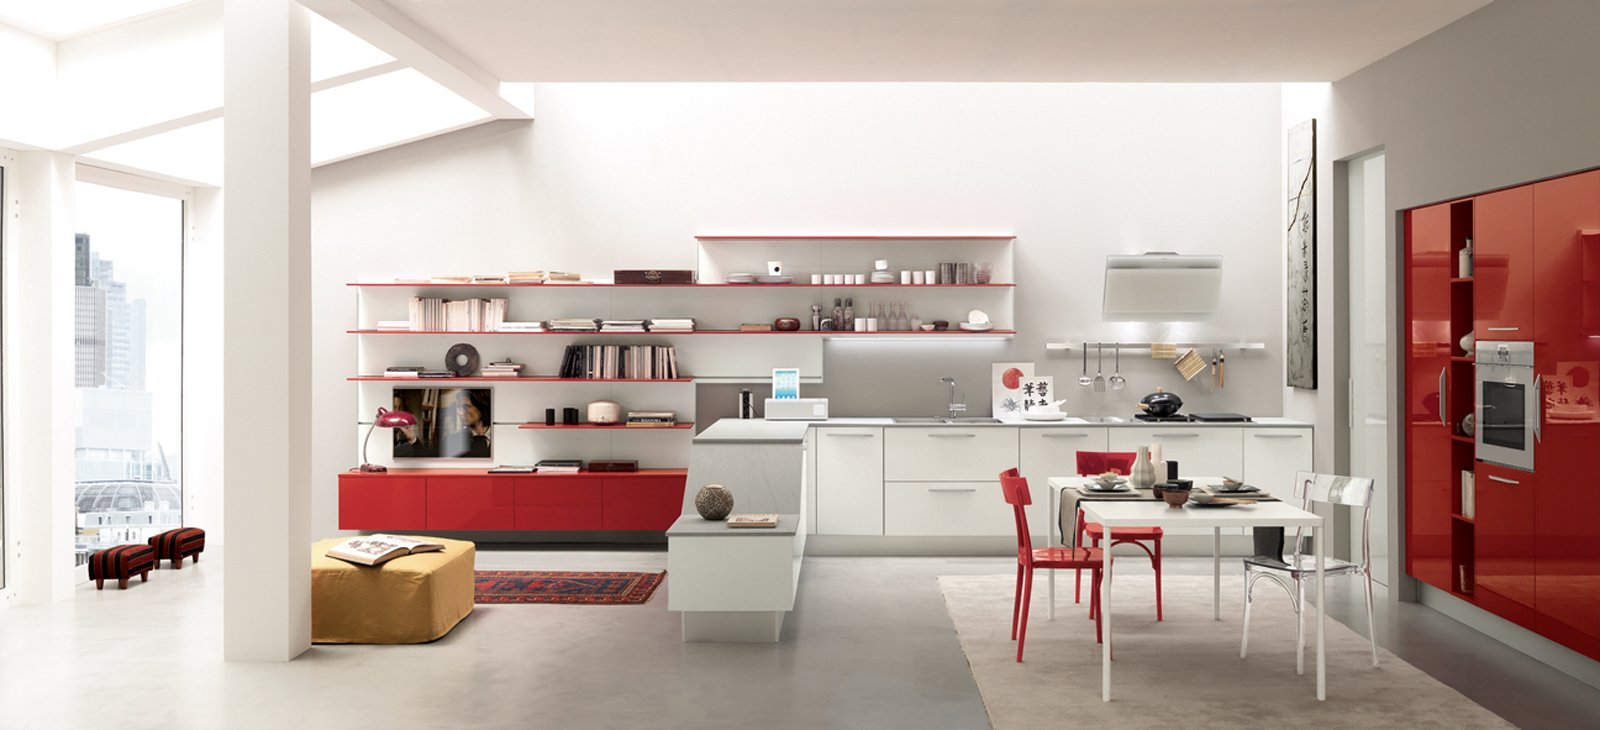 cucine a vista per il loft, nel soggiorno open space - cose di casa - Soggiorno Febal 2